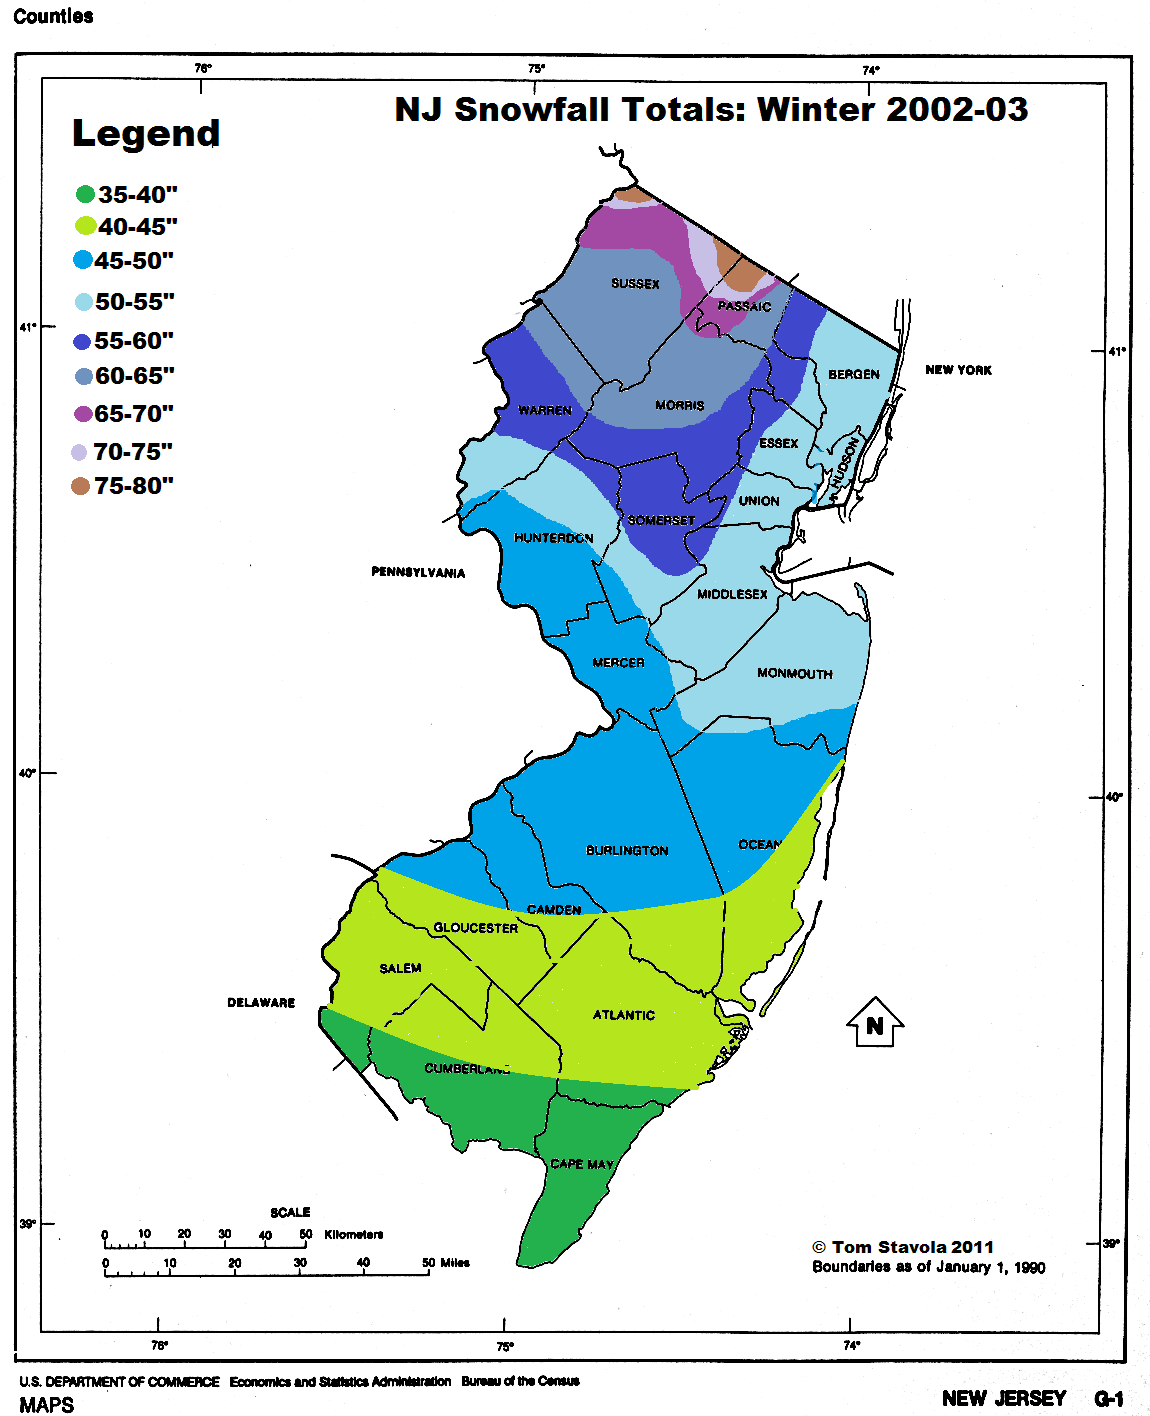 2002-03 NJ Snow